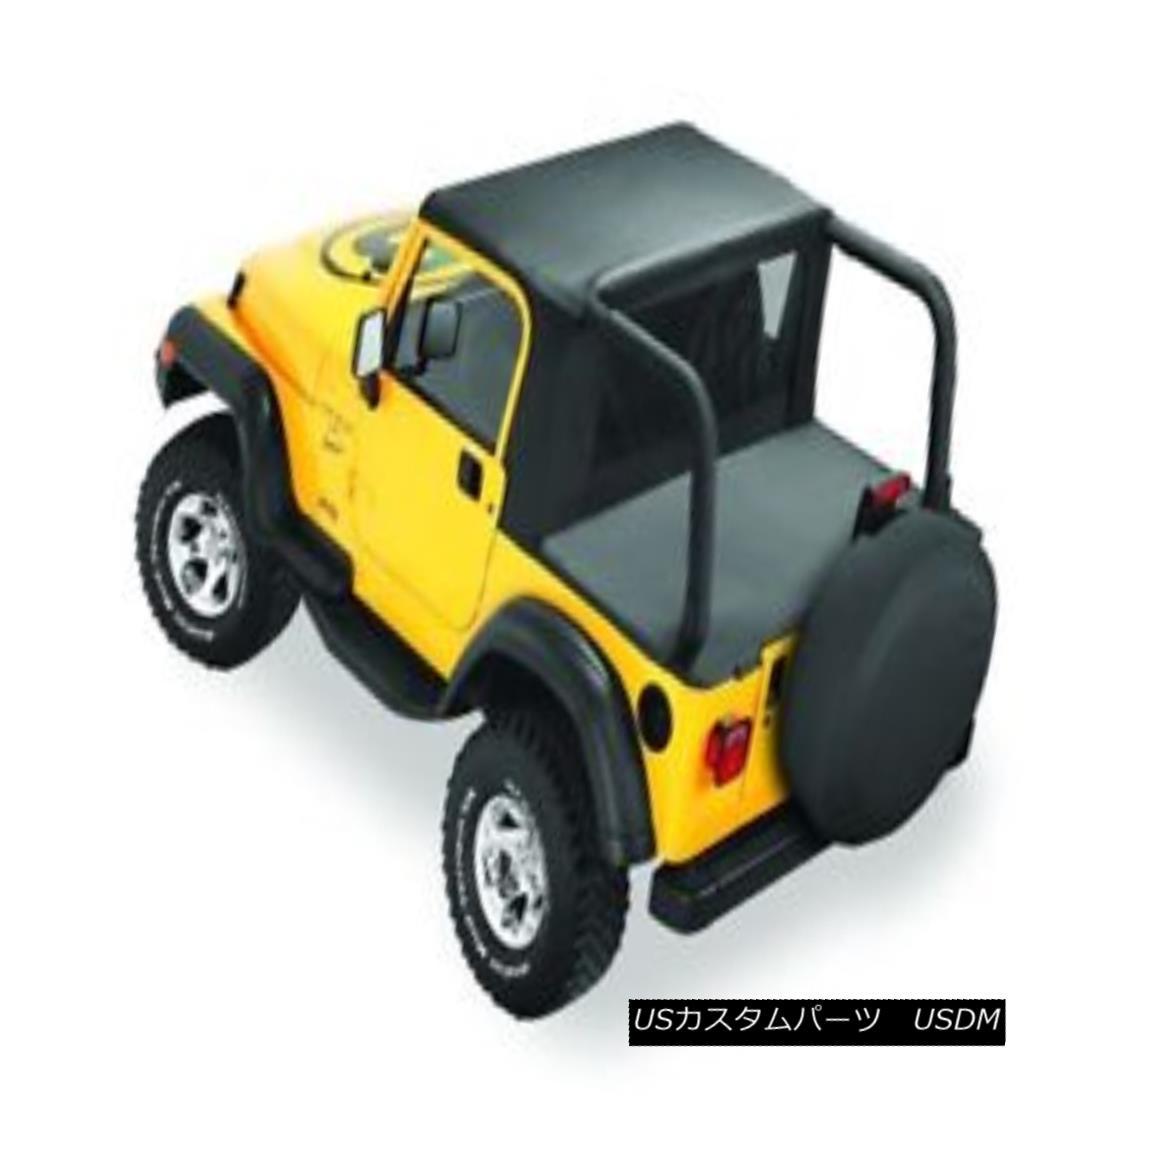 幌・ソフトトップ Bestop 53819-15 Jeep Halftop 3-in-1 Soft Top Black Denim Bestop 53819-15ジープハーフトップ3-in-1ソフトトップブラックデニム